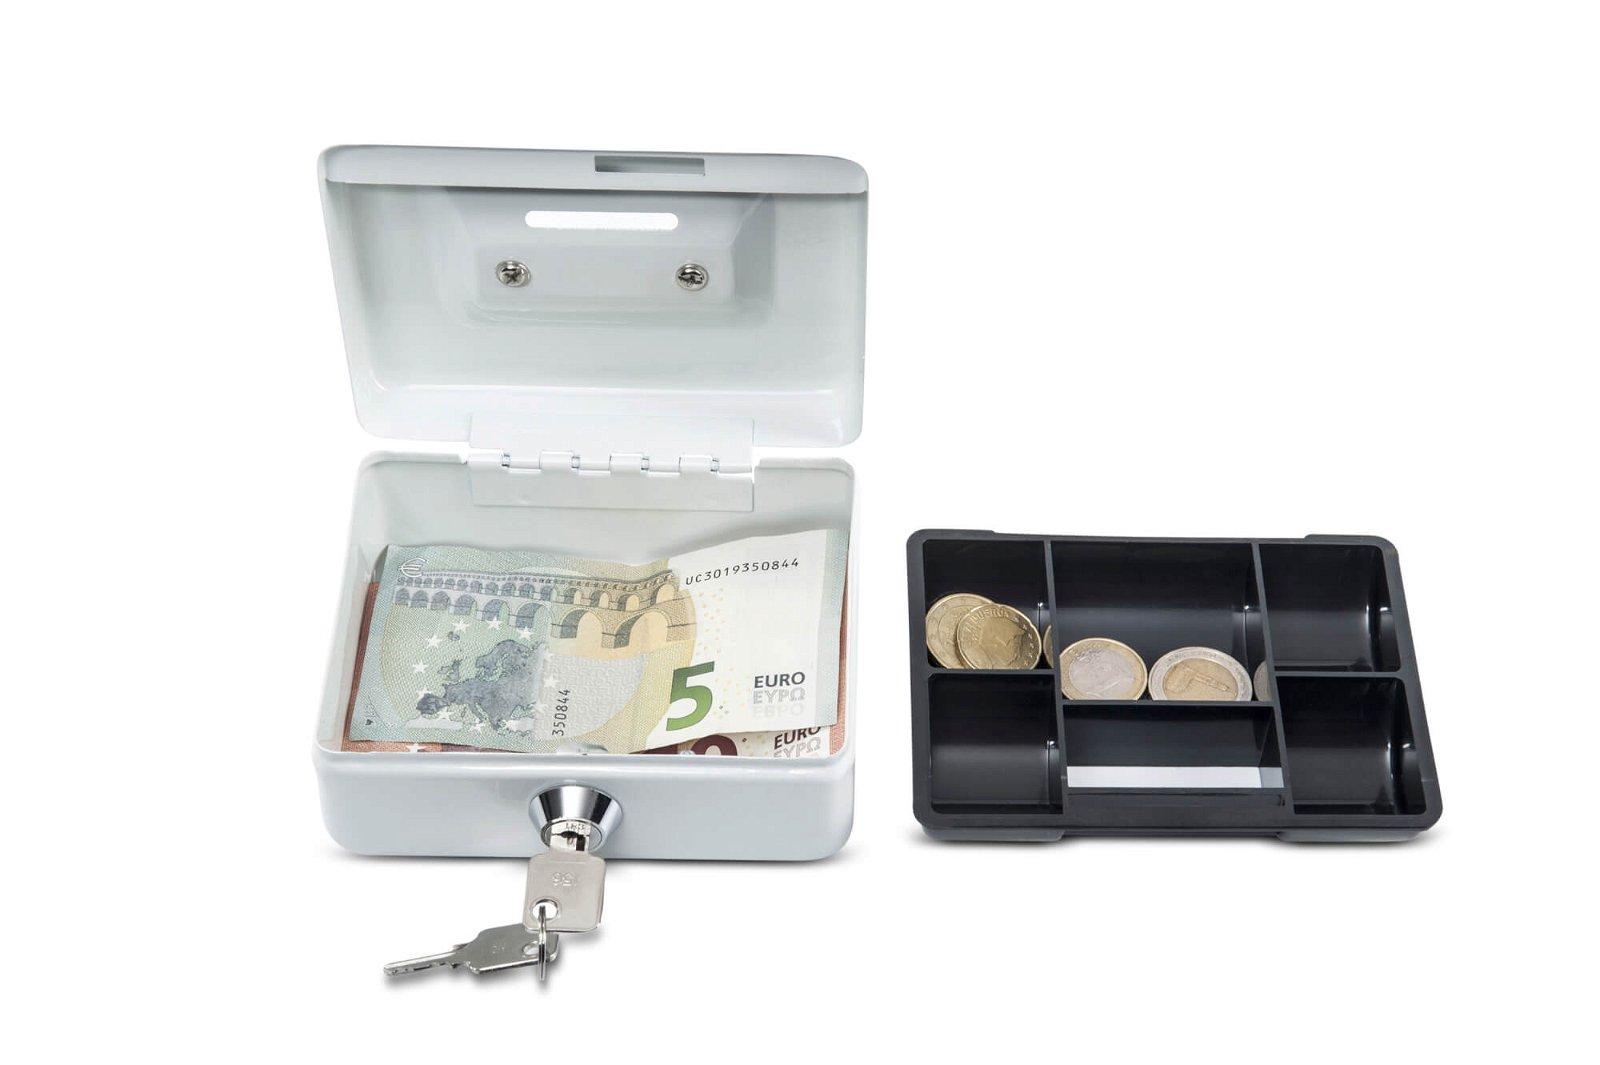 Geldkassette mit Münzeinwurf, 12,5 x 9,5 x 6 cm, weiß